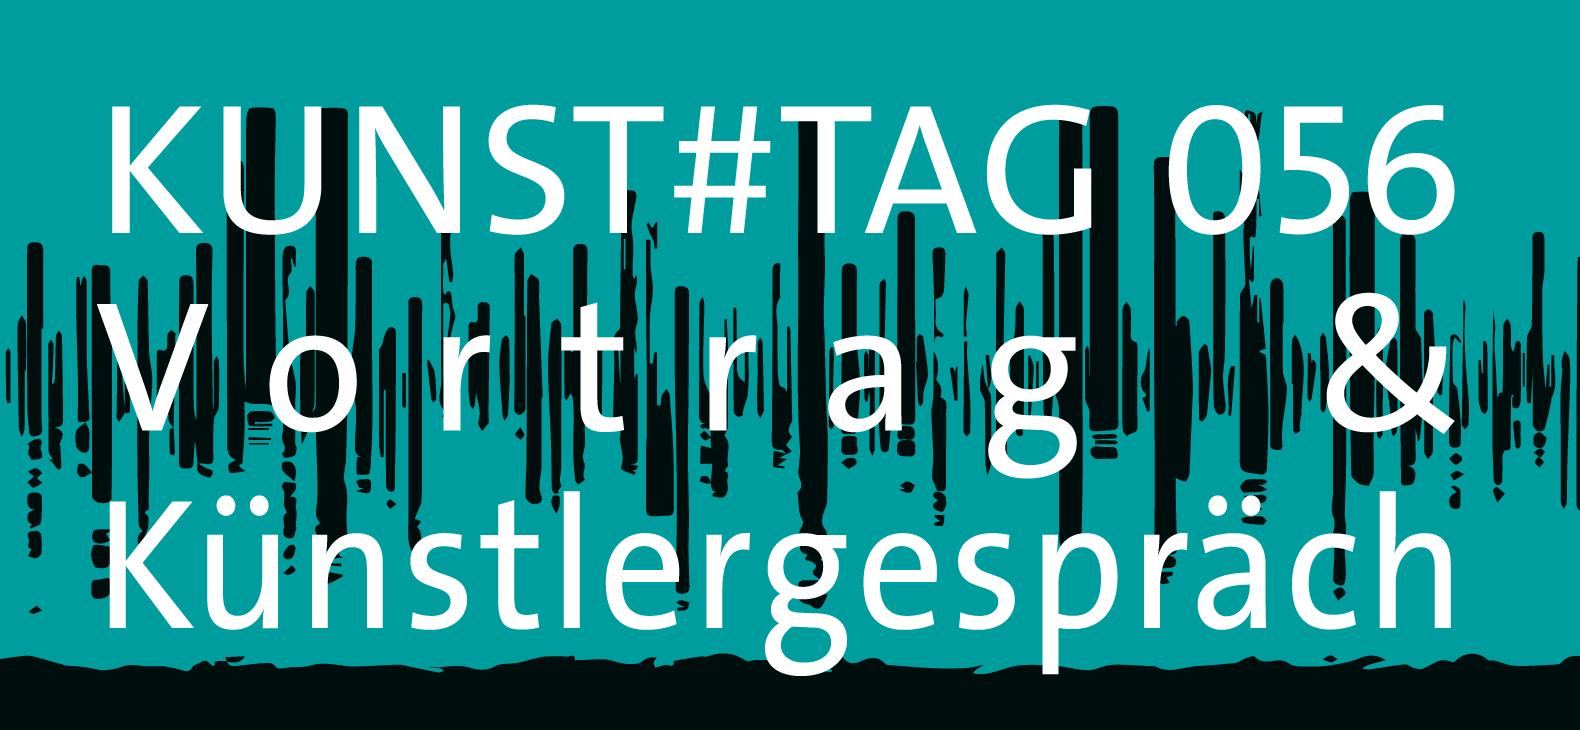 KUNST#TAG 056 Vortrag und Künstlergespräch